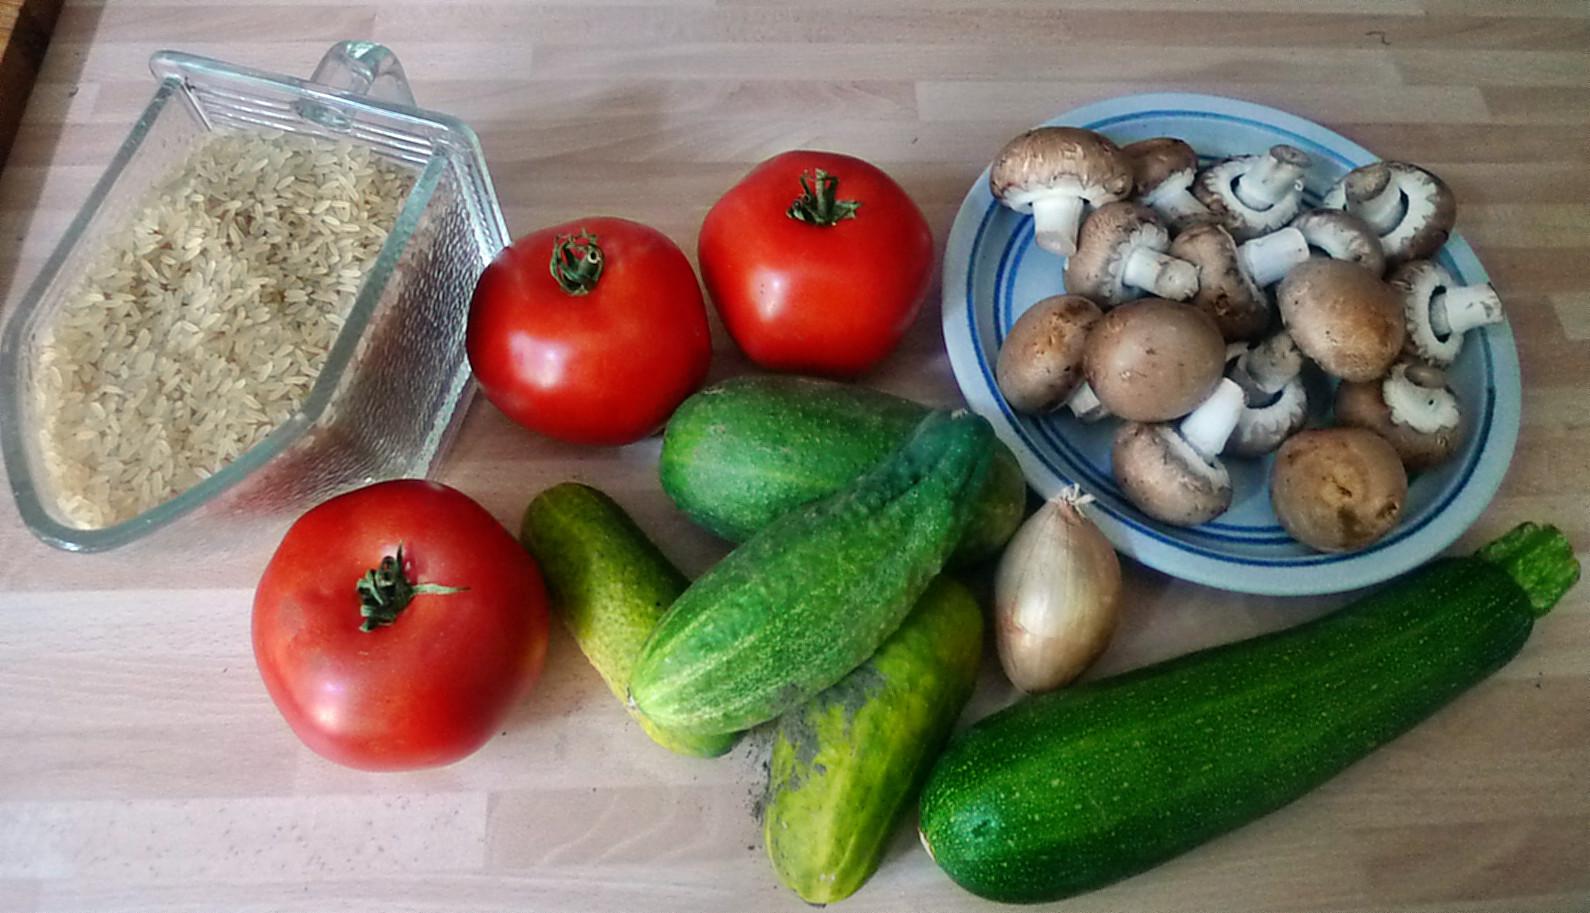 Gefüllte Tomaten,Gurkengemüse,Champignon,Zucchini,Reis-24.7.14   (2)